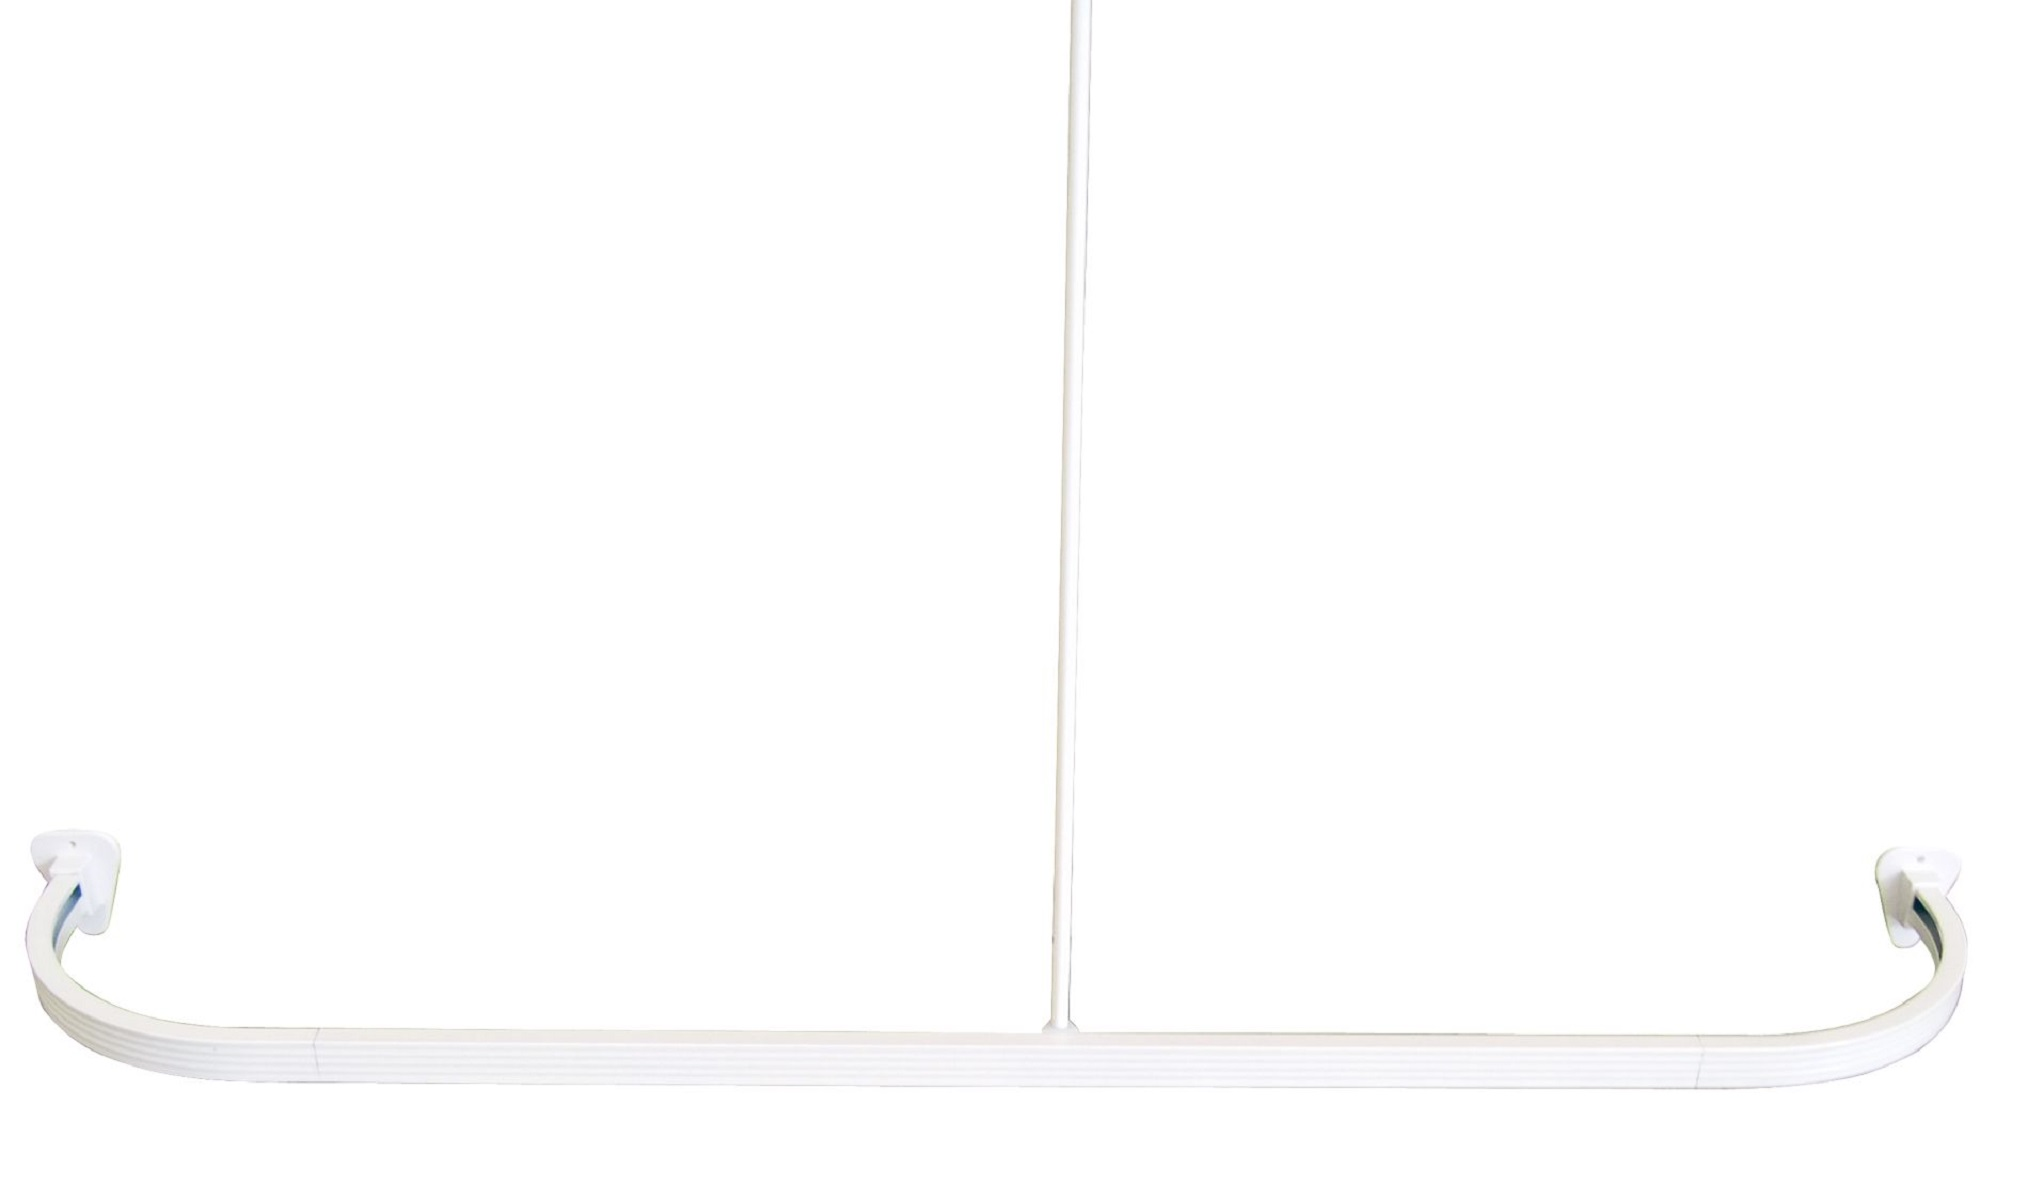 Штанга для ванной комнаты Ridder, универсальная, цвет: белый. 5250168/5/2Высококачественная немецкая штанга выполнена из алюминия. Максимальный размер: 160 х 70 см. Крючки для штор вставляются в нижние полозья. Для предотвращения царапин на штангу из спрессованного алюминия наносится специальное покрытие. Установка данной штанги требует сверления. Комплект: штанга - 3 шт штанга потолочная - 1 шт угловой соединитель - 2 шт крепление к стене - 2 шт саморез+дюбель - 6 шт